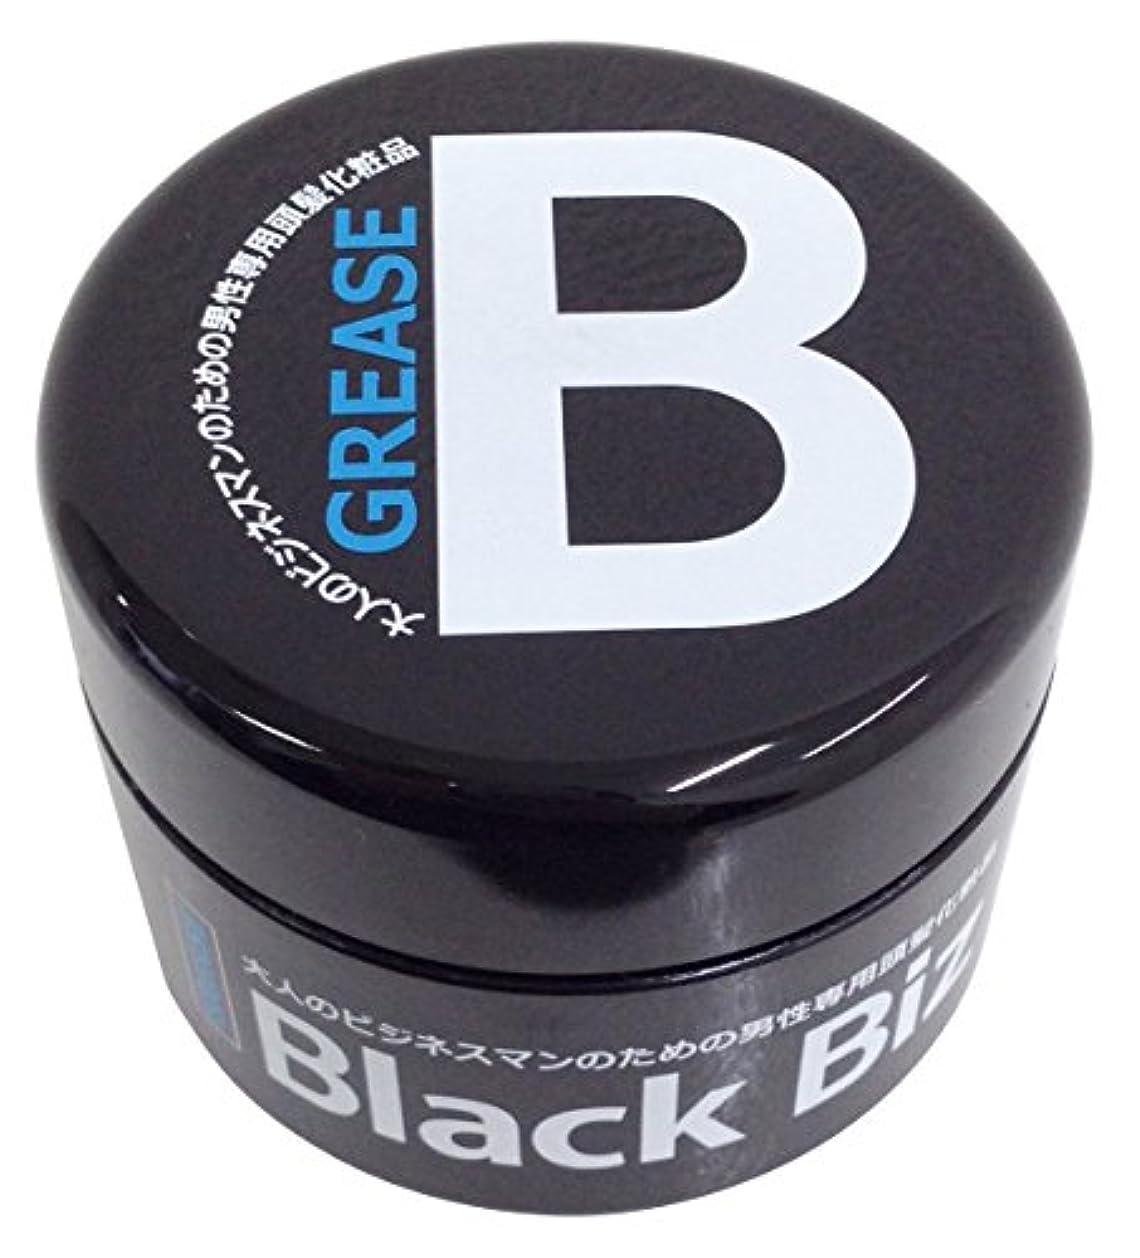 悔い改める外向き刺す大人のビジネスマンのための男性専用頭髪化粧品 BlackBiz GREASE SOFT ブラックビズ グリース ソフト